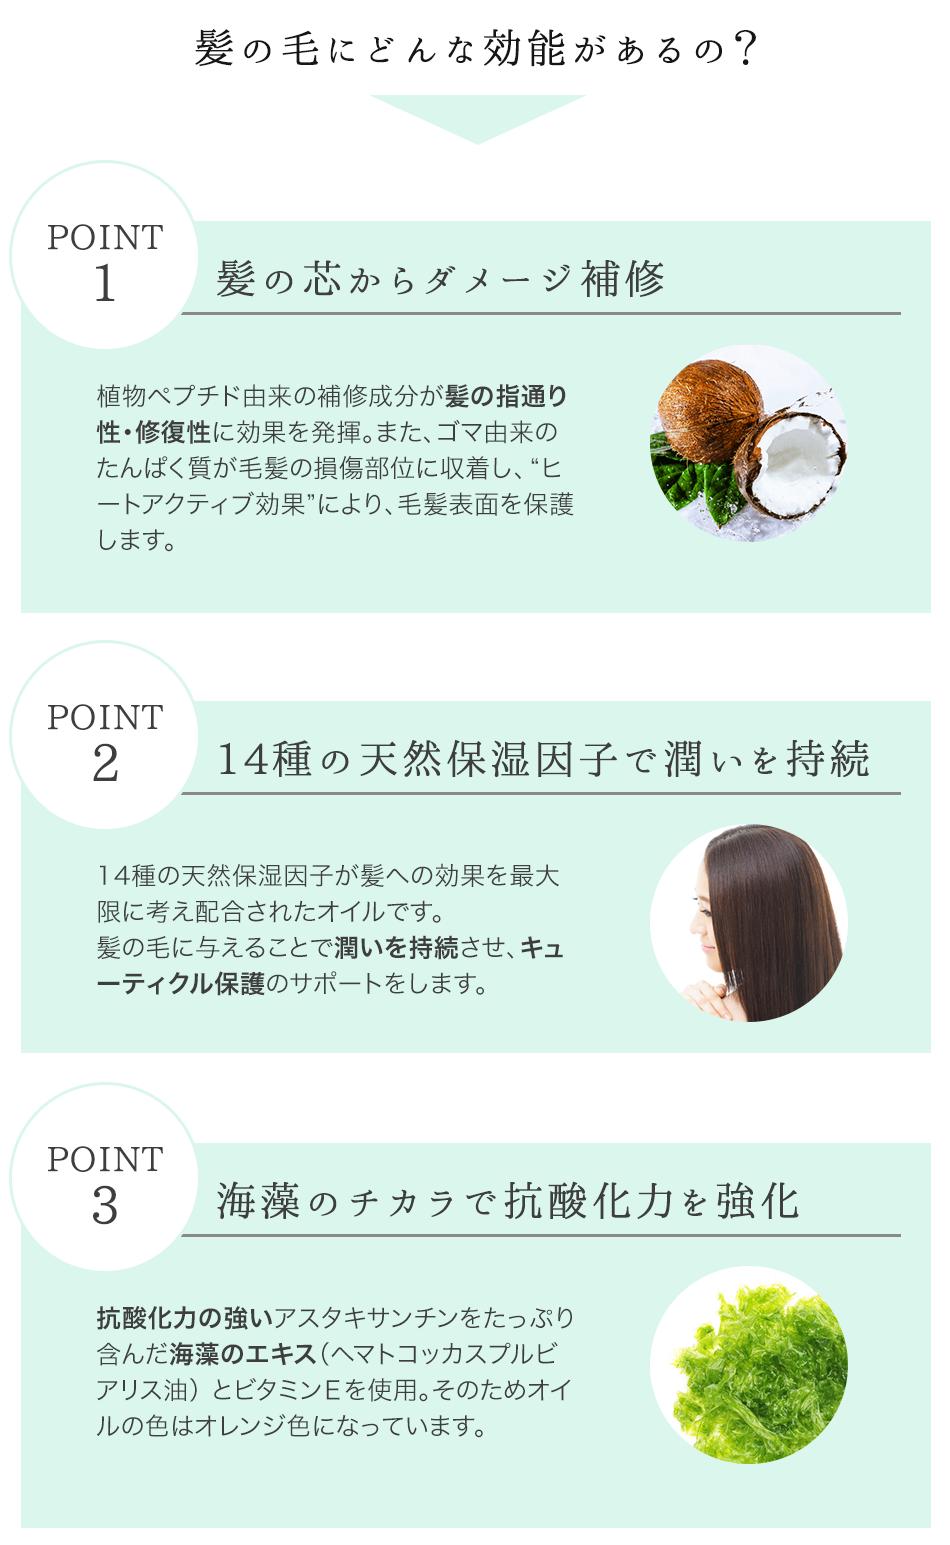 髪の毛にどんな効能があるの? POINT1 髪の芯からダメージ補修 POINT2 14種の天然保湿因子で潤いを持続 POINT3 海藻のチカラで抗酸化力を強化